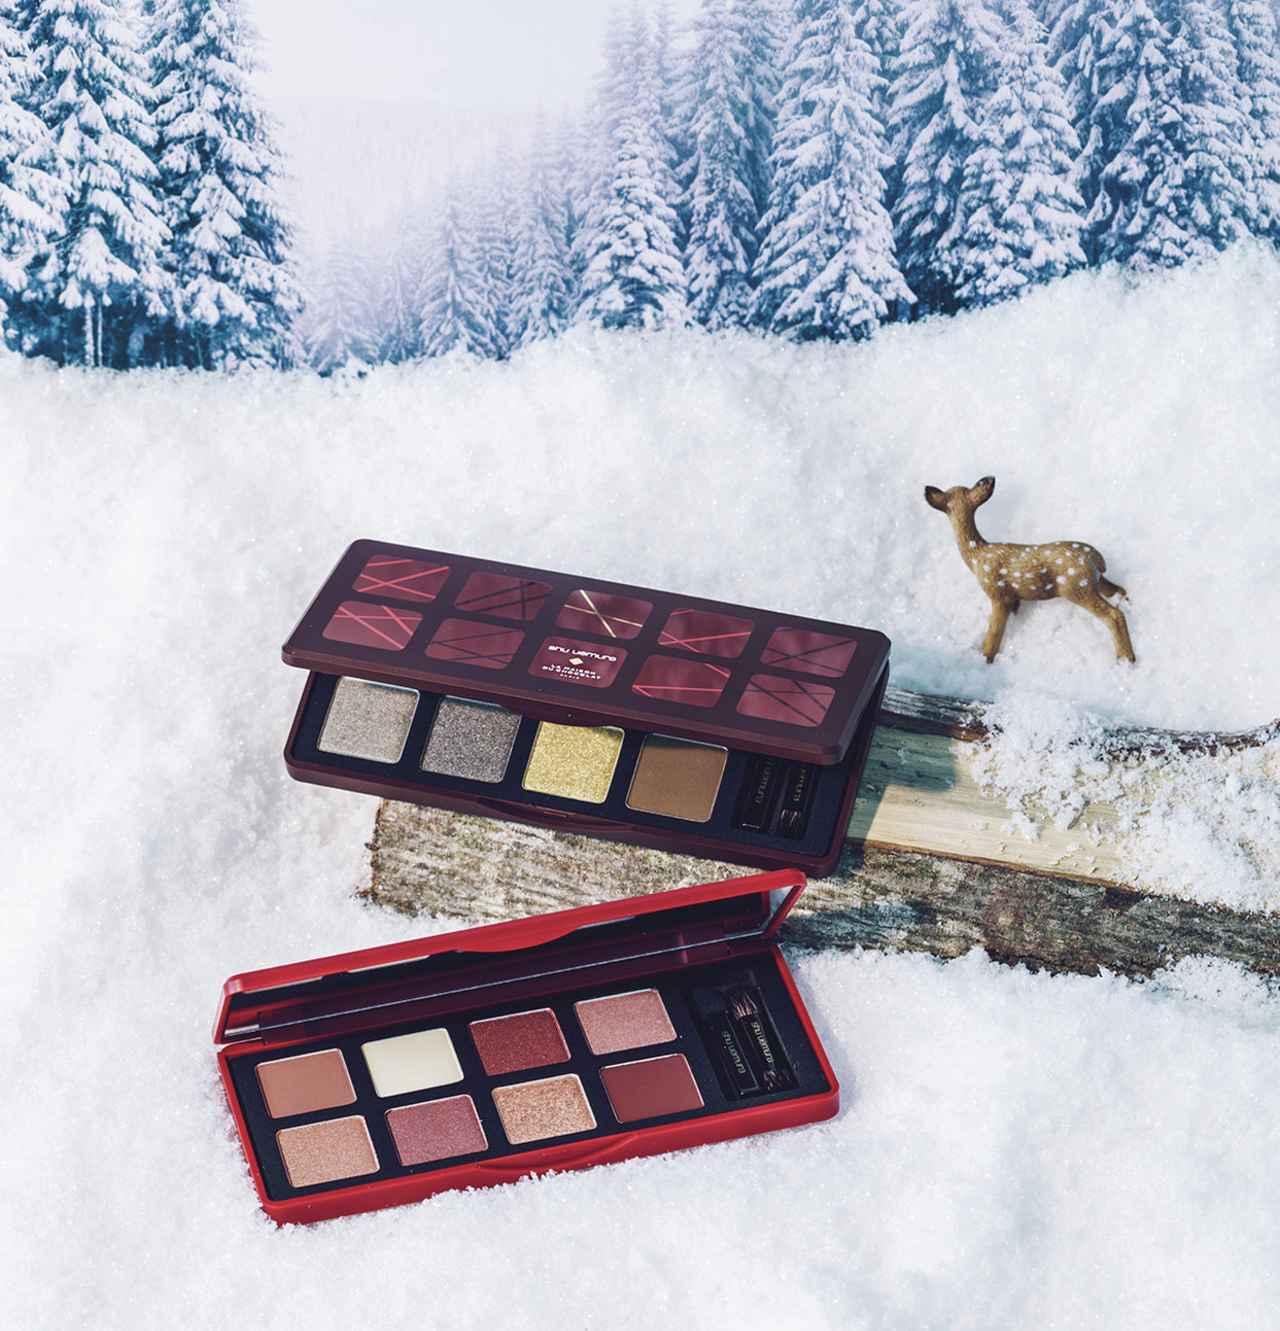 Images : 10番目の画像 - 「目利きが厳選。 大切な人へ届けたい 冬の贈り物 <Vol.1>」のアルバム - T JAPAN:The New York Times Style Magazine 公式サイト